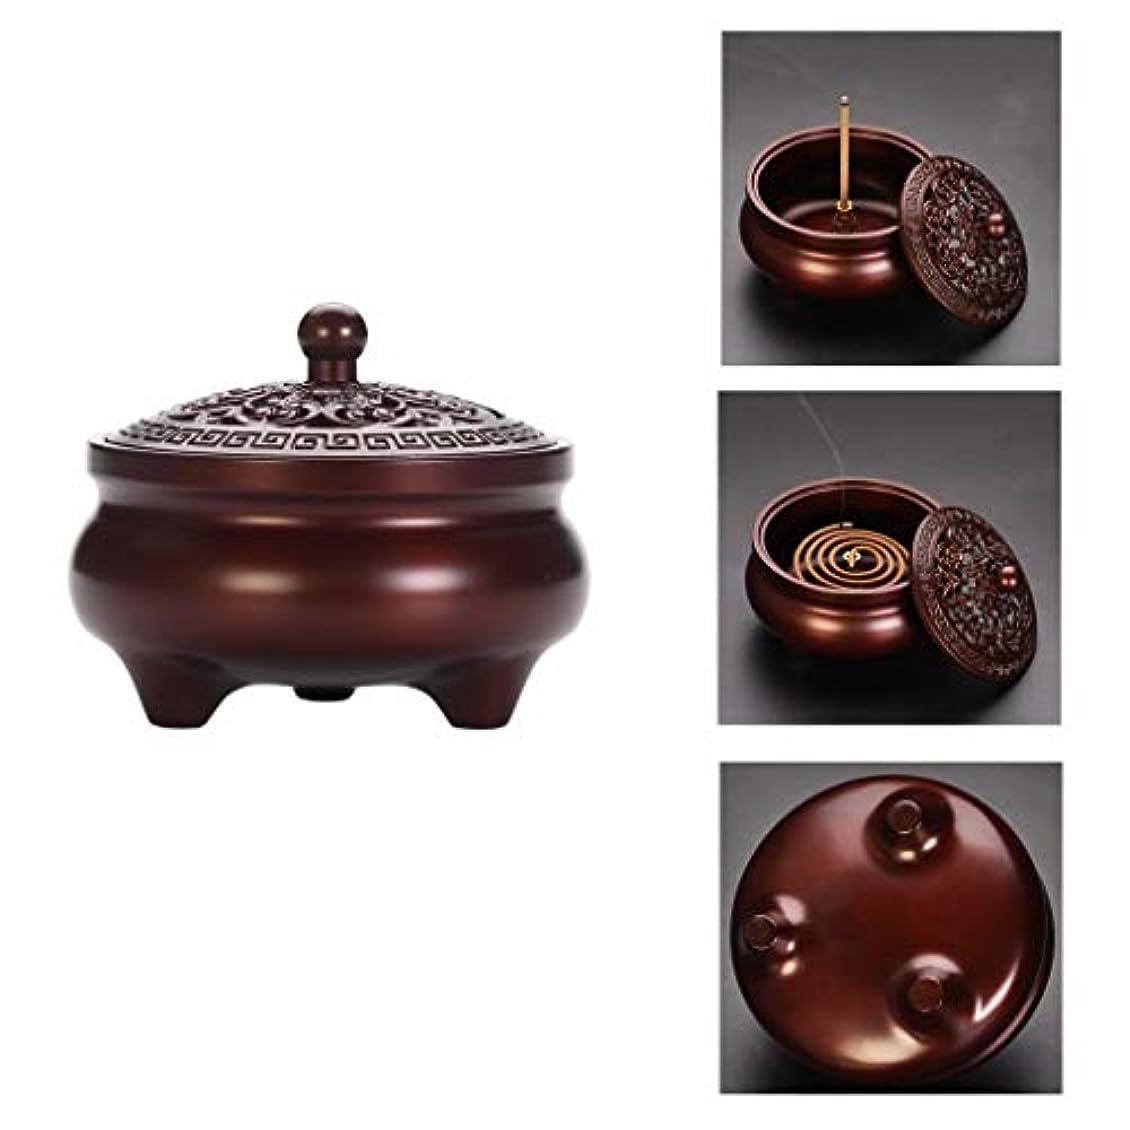 より平らな熱狂的な寓話芳香器?アロマバーナー 純銅製メカニズム香炉シンプルでエレガントな香炉内三脚アロマセラピー炉 アロマバーナー (Color : Purple Lotus)